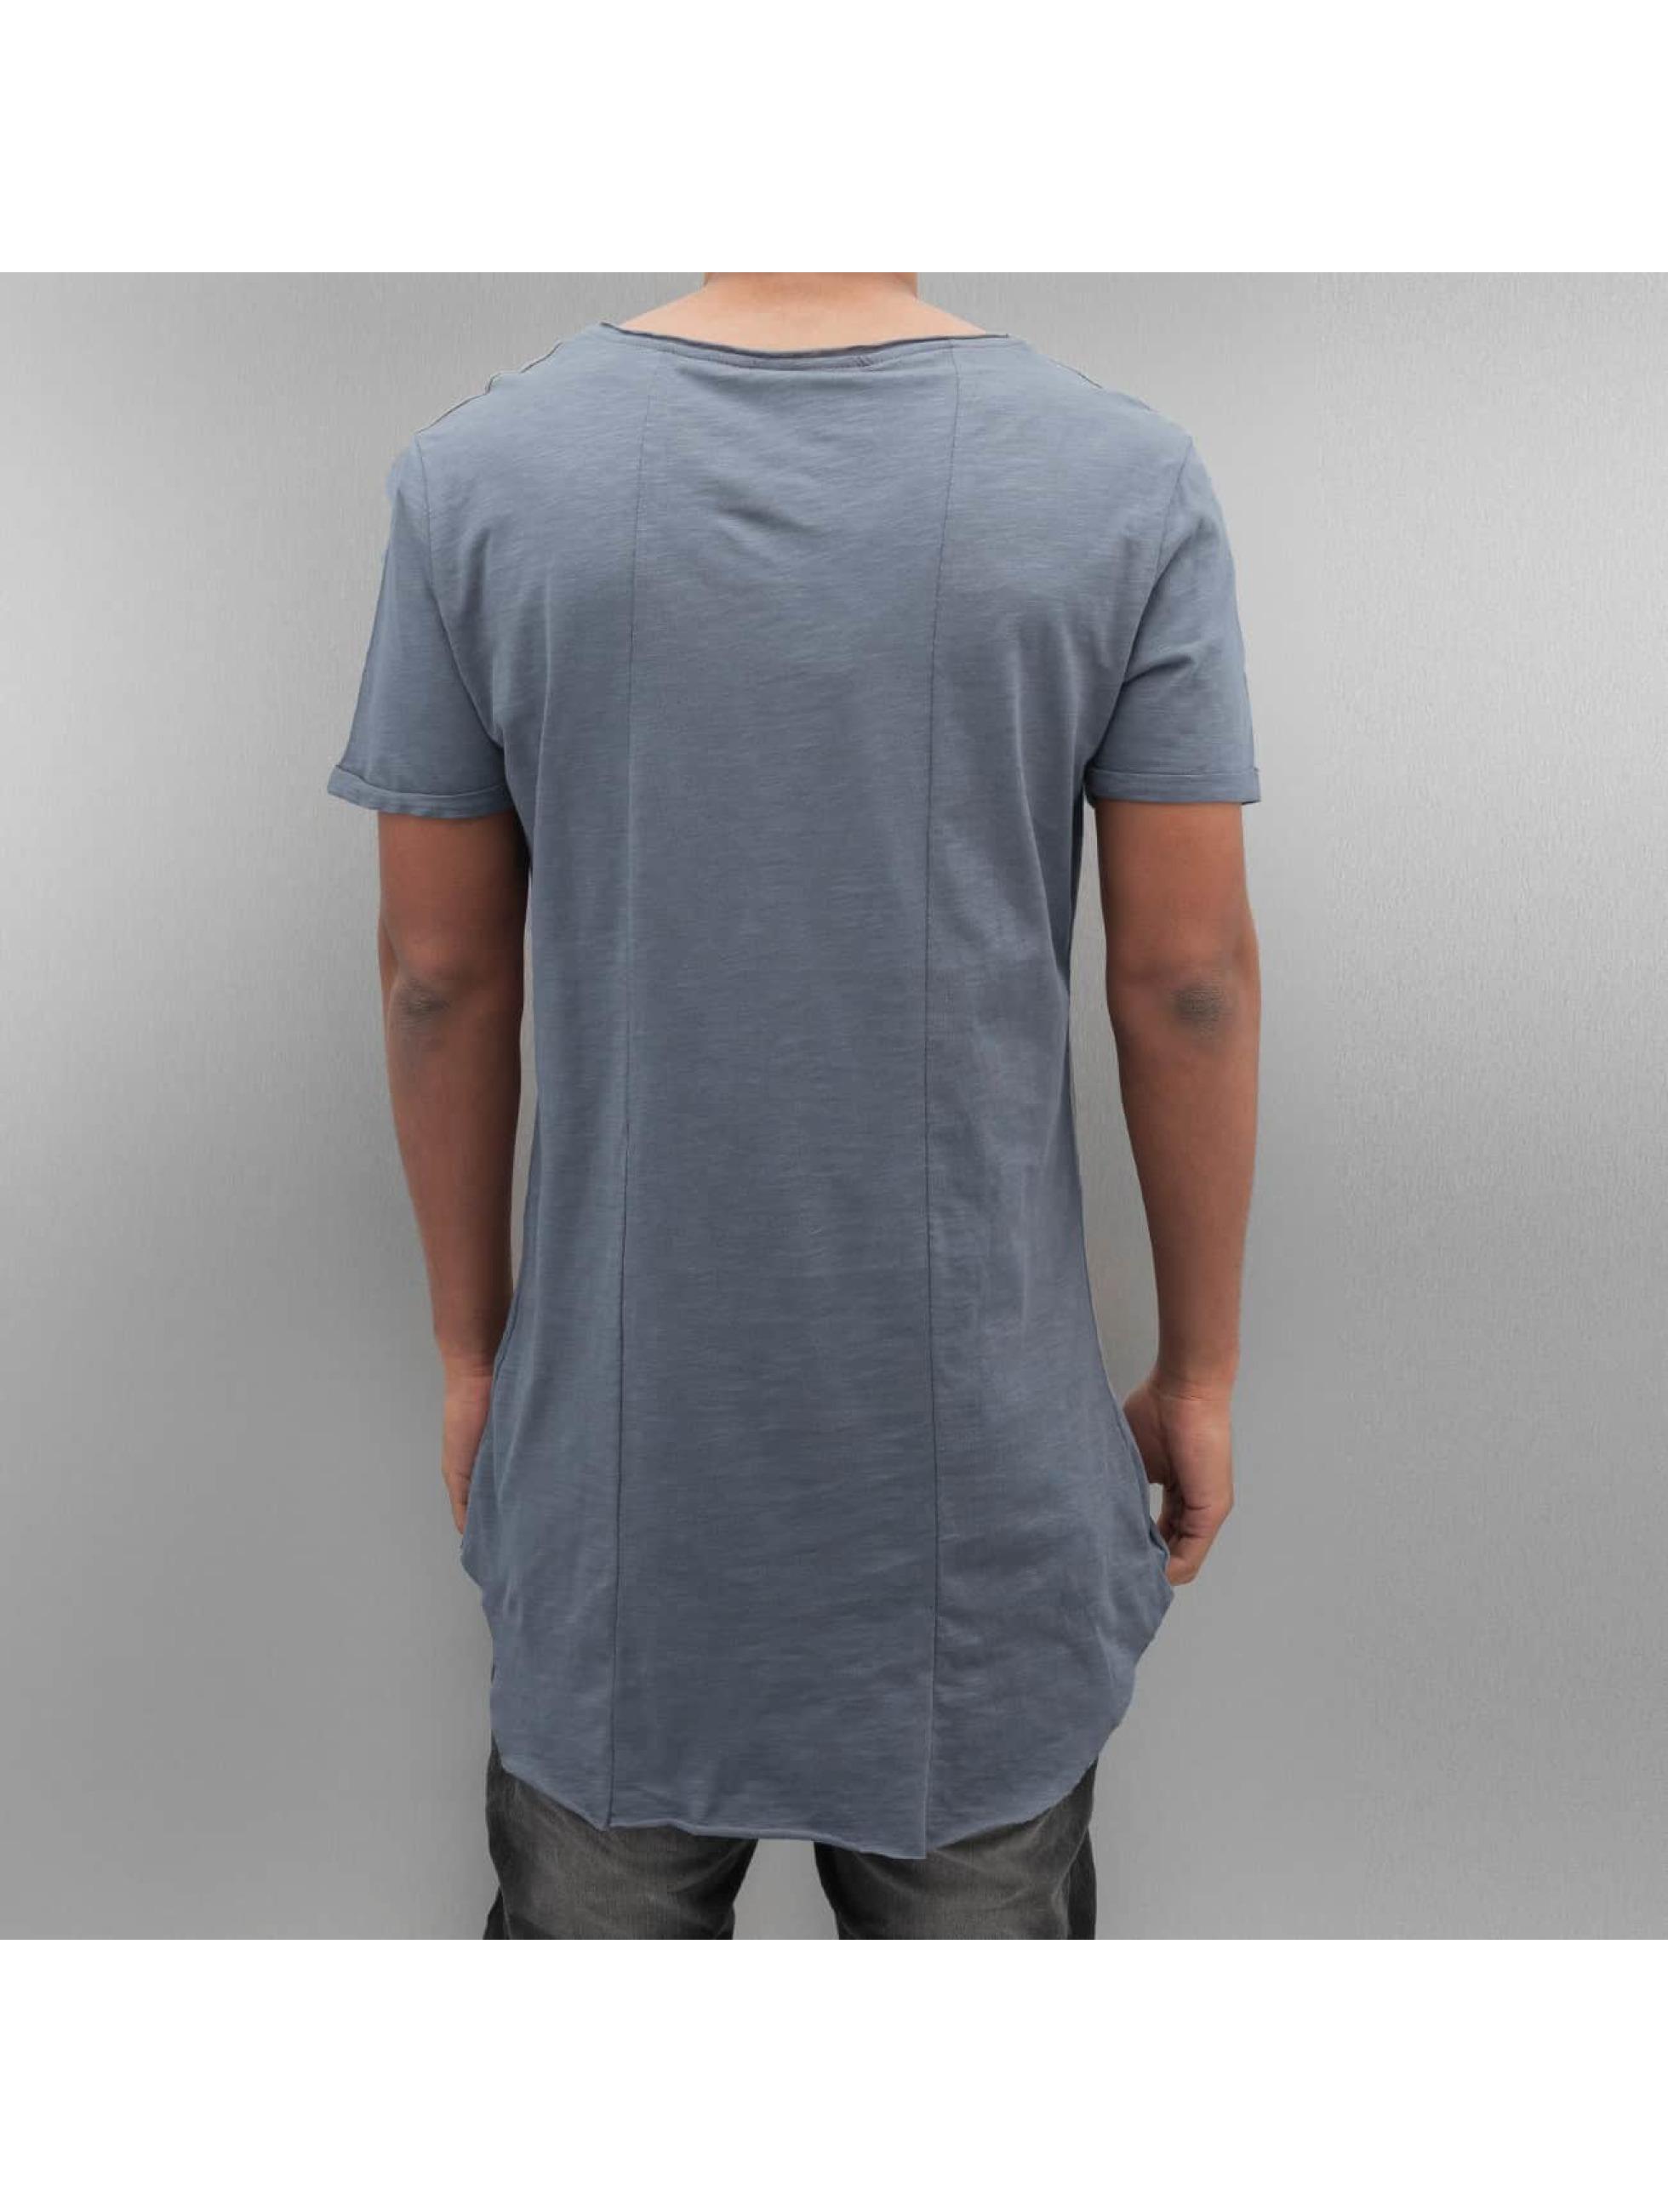 2Y T-Shirt Wilmington gray